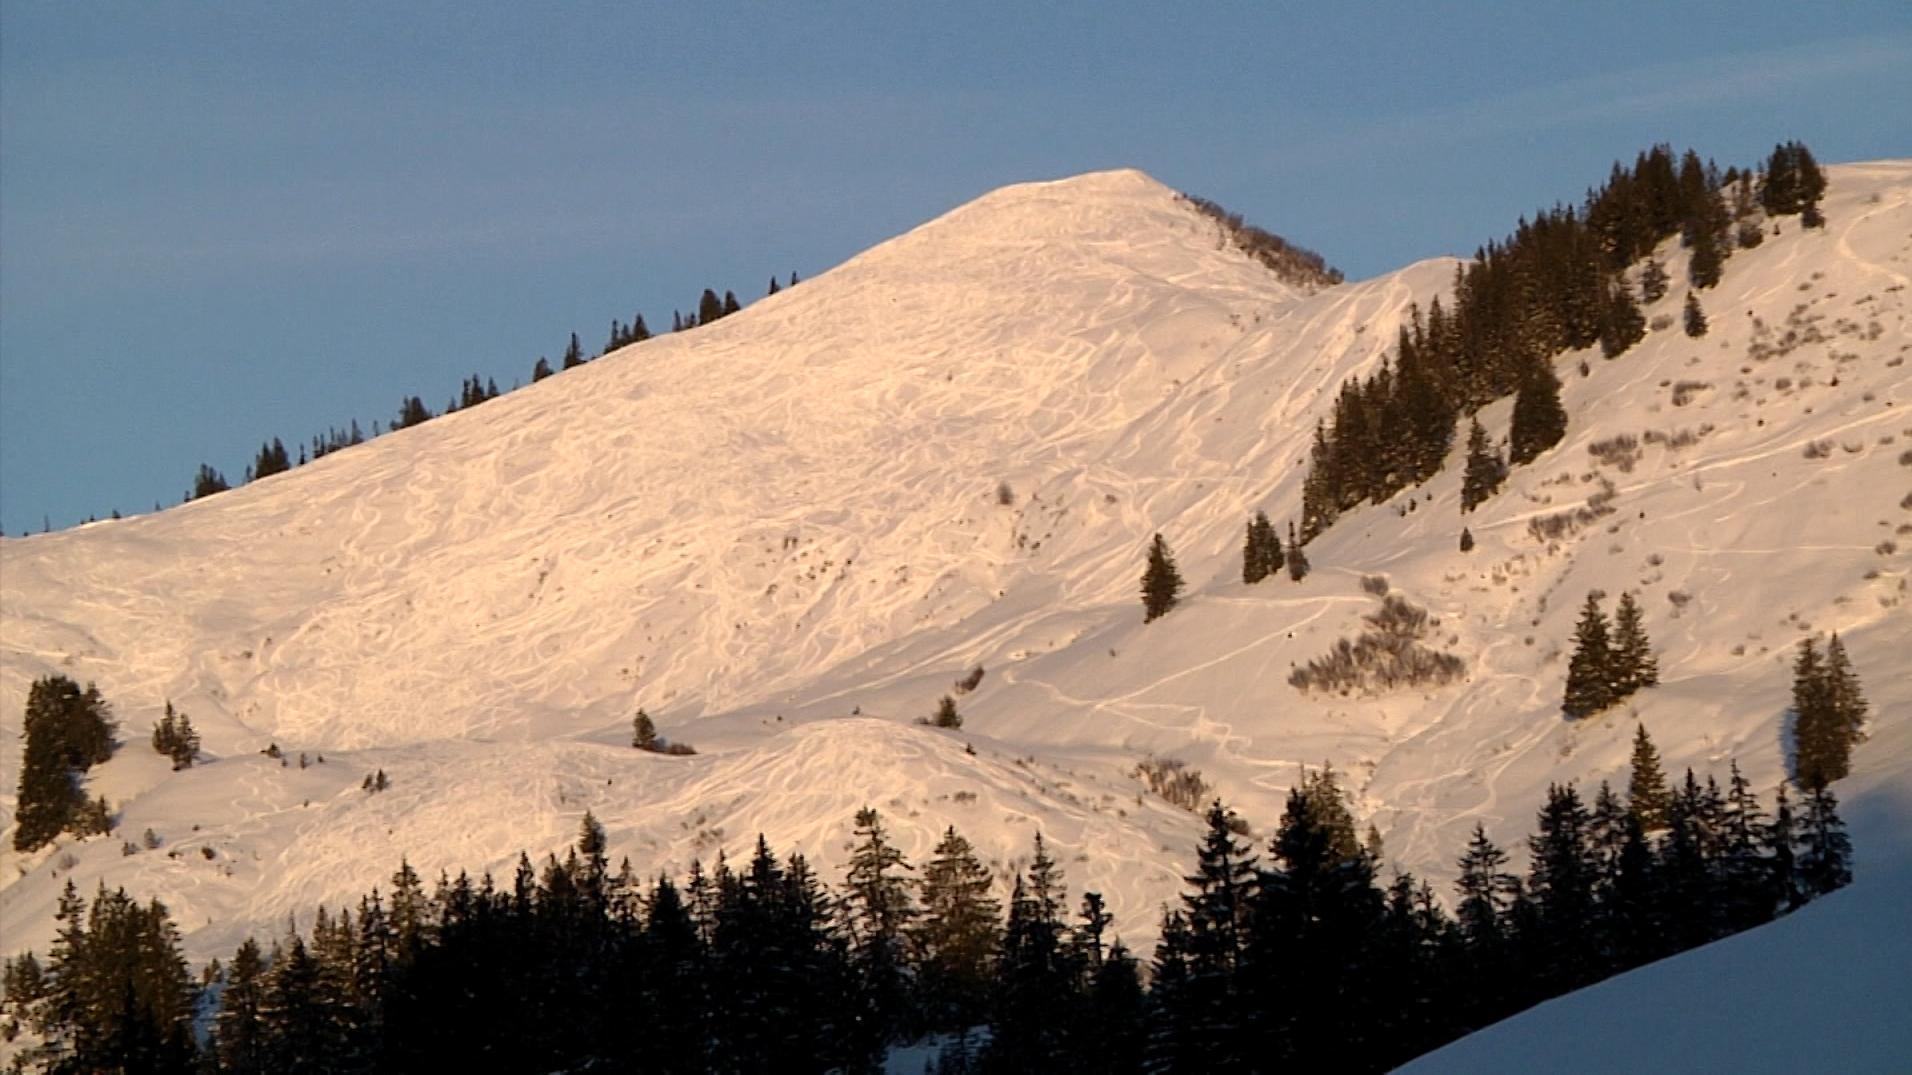 Das schneebedeckte Riedberger Horn bei Sonnenschein